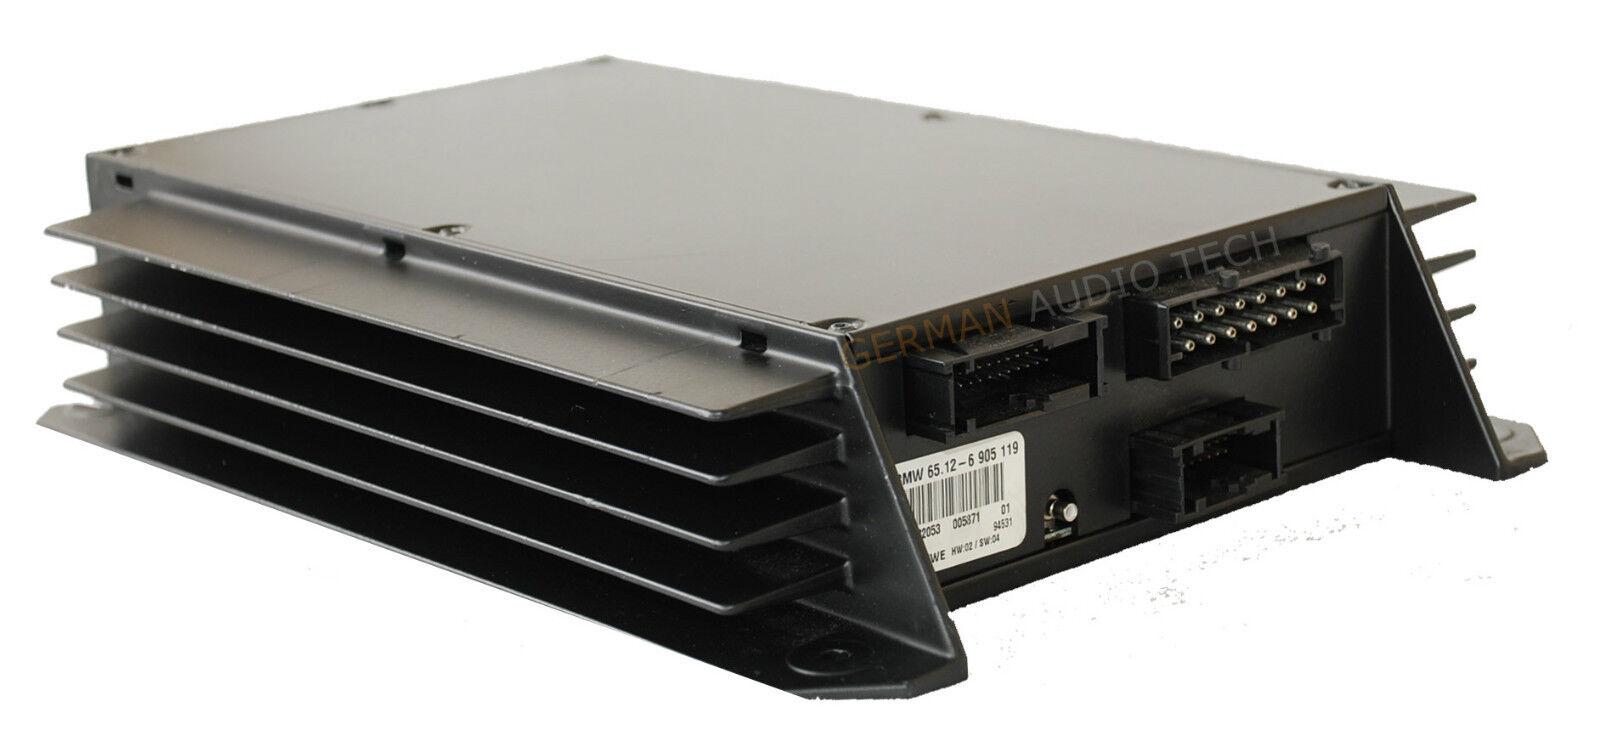 Bmw Dsp Amplifier Nav Amp E38 740i 750 E39 525i 530i 540i